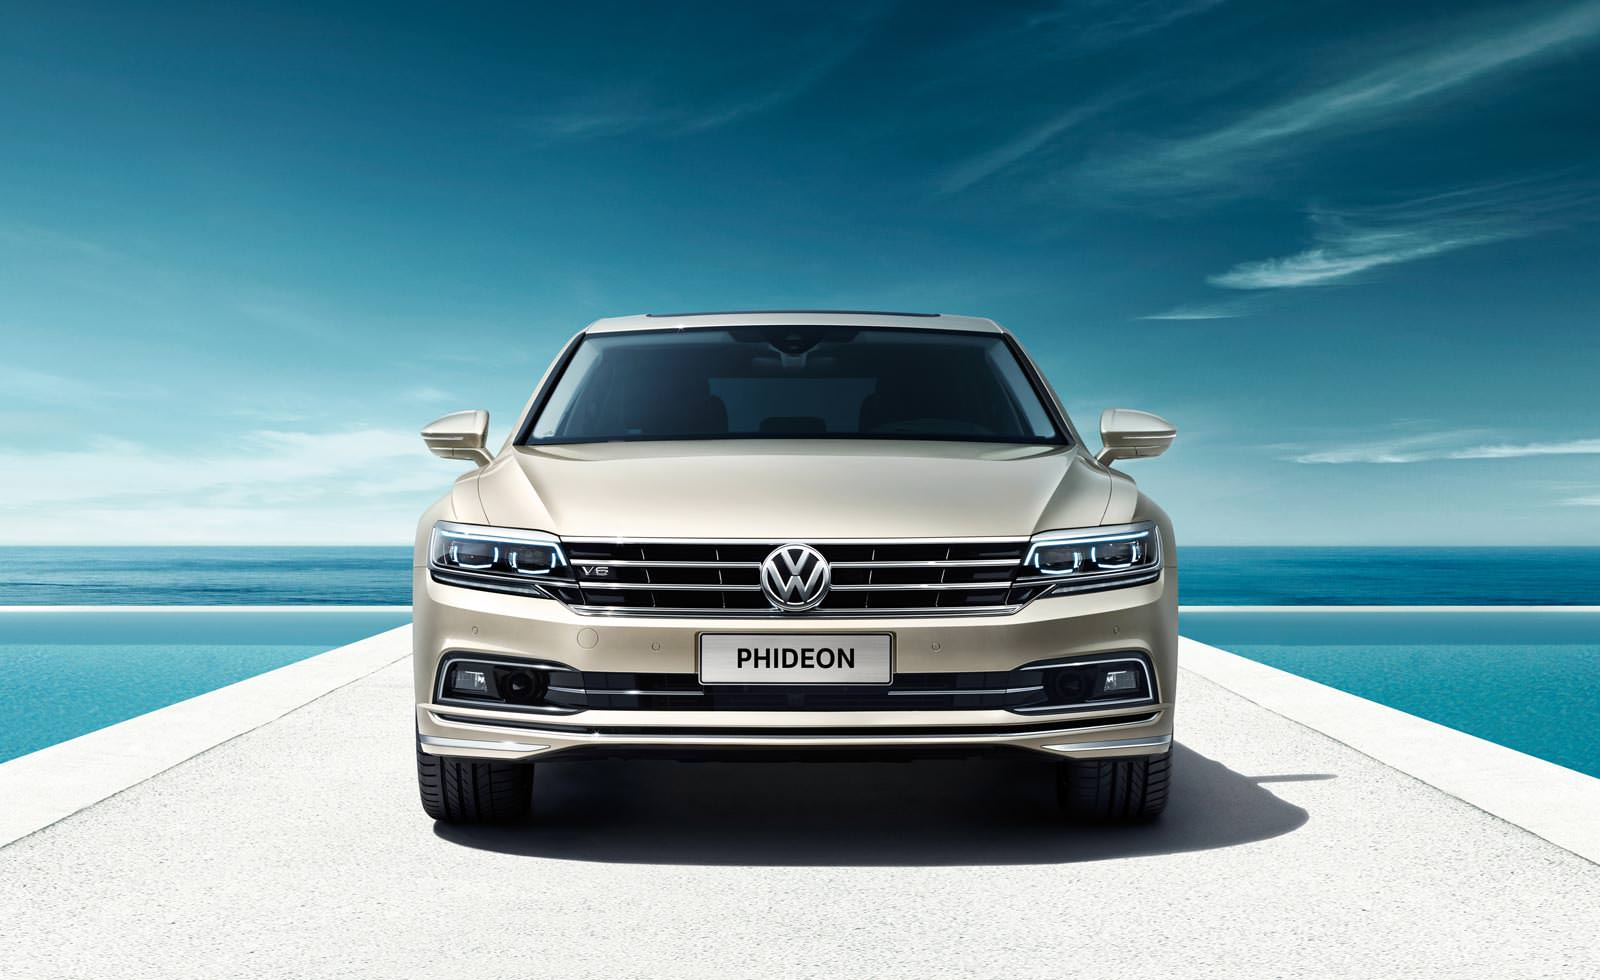 Премиальный седан Volkswagen Phideon